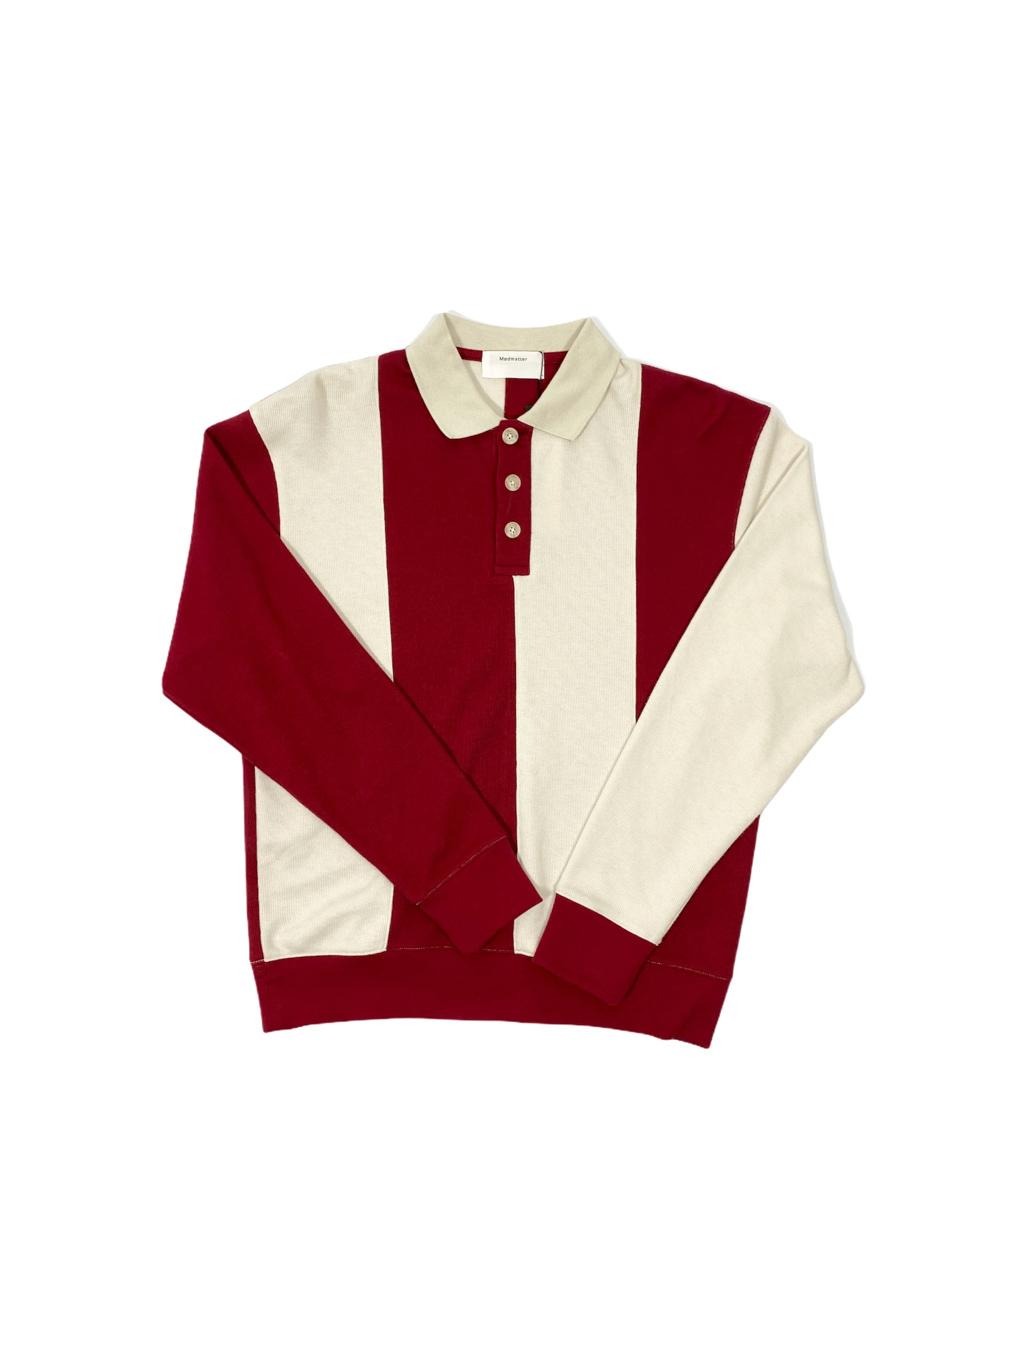 Rugby Sweatshirt  (Red Cream)